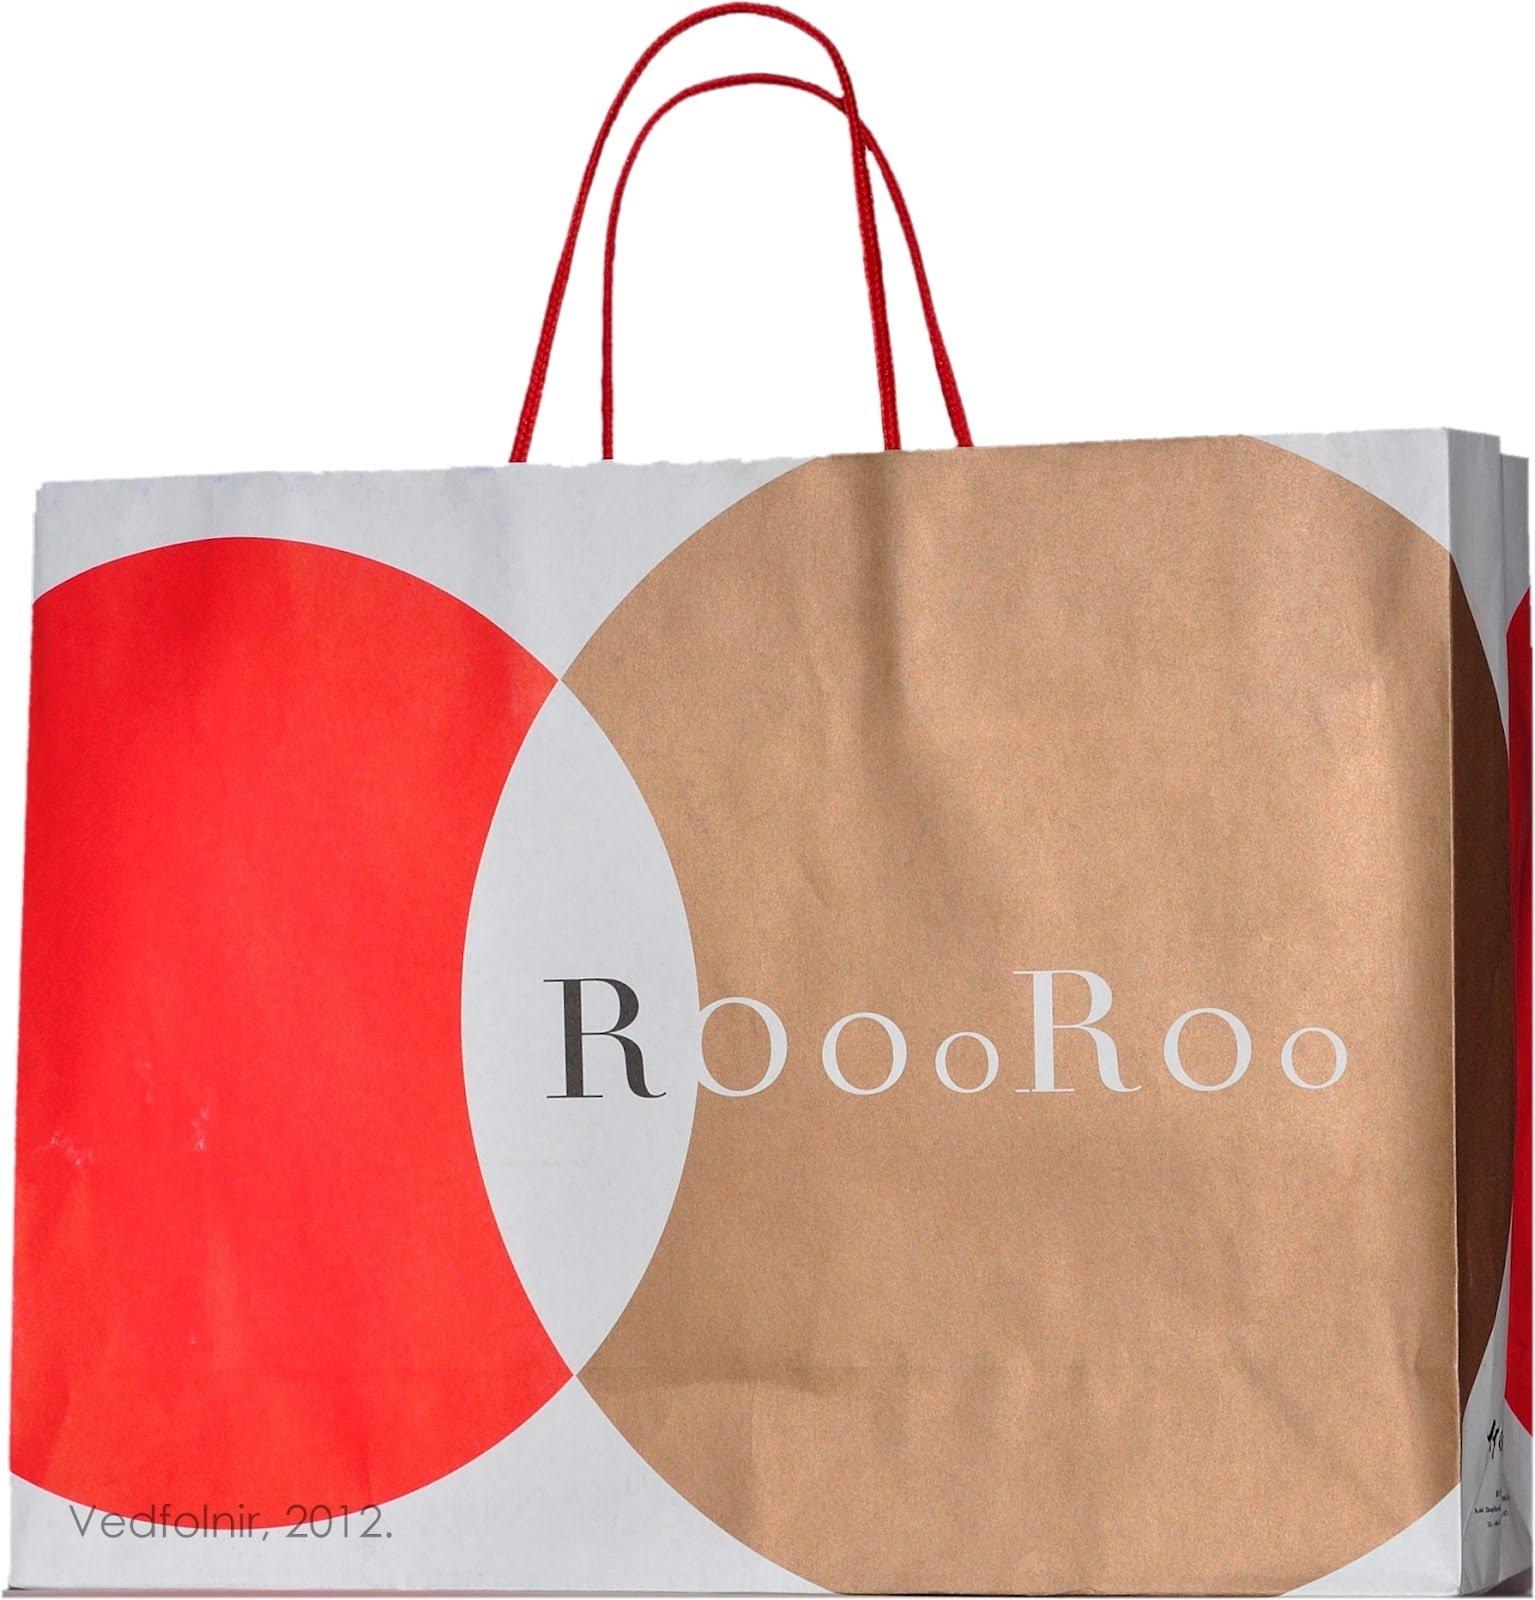 foodimg-roooroo-cake-biscuit-cookie-snack-什倆漉餅行-vedfolnir-bag